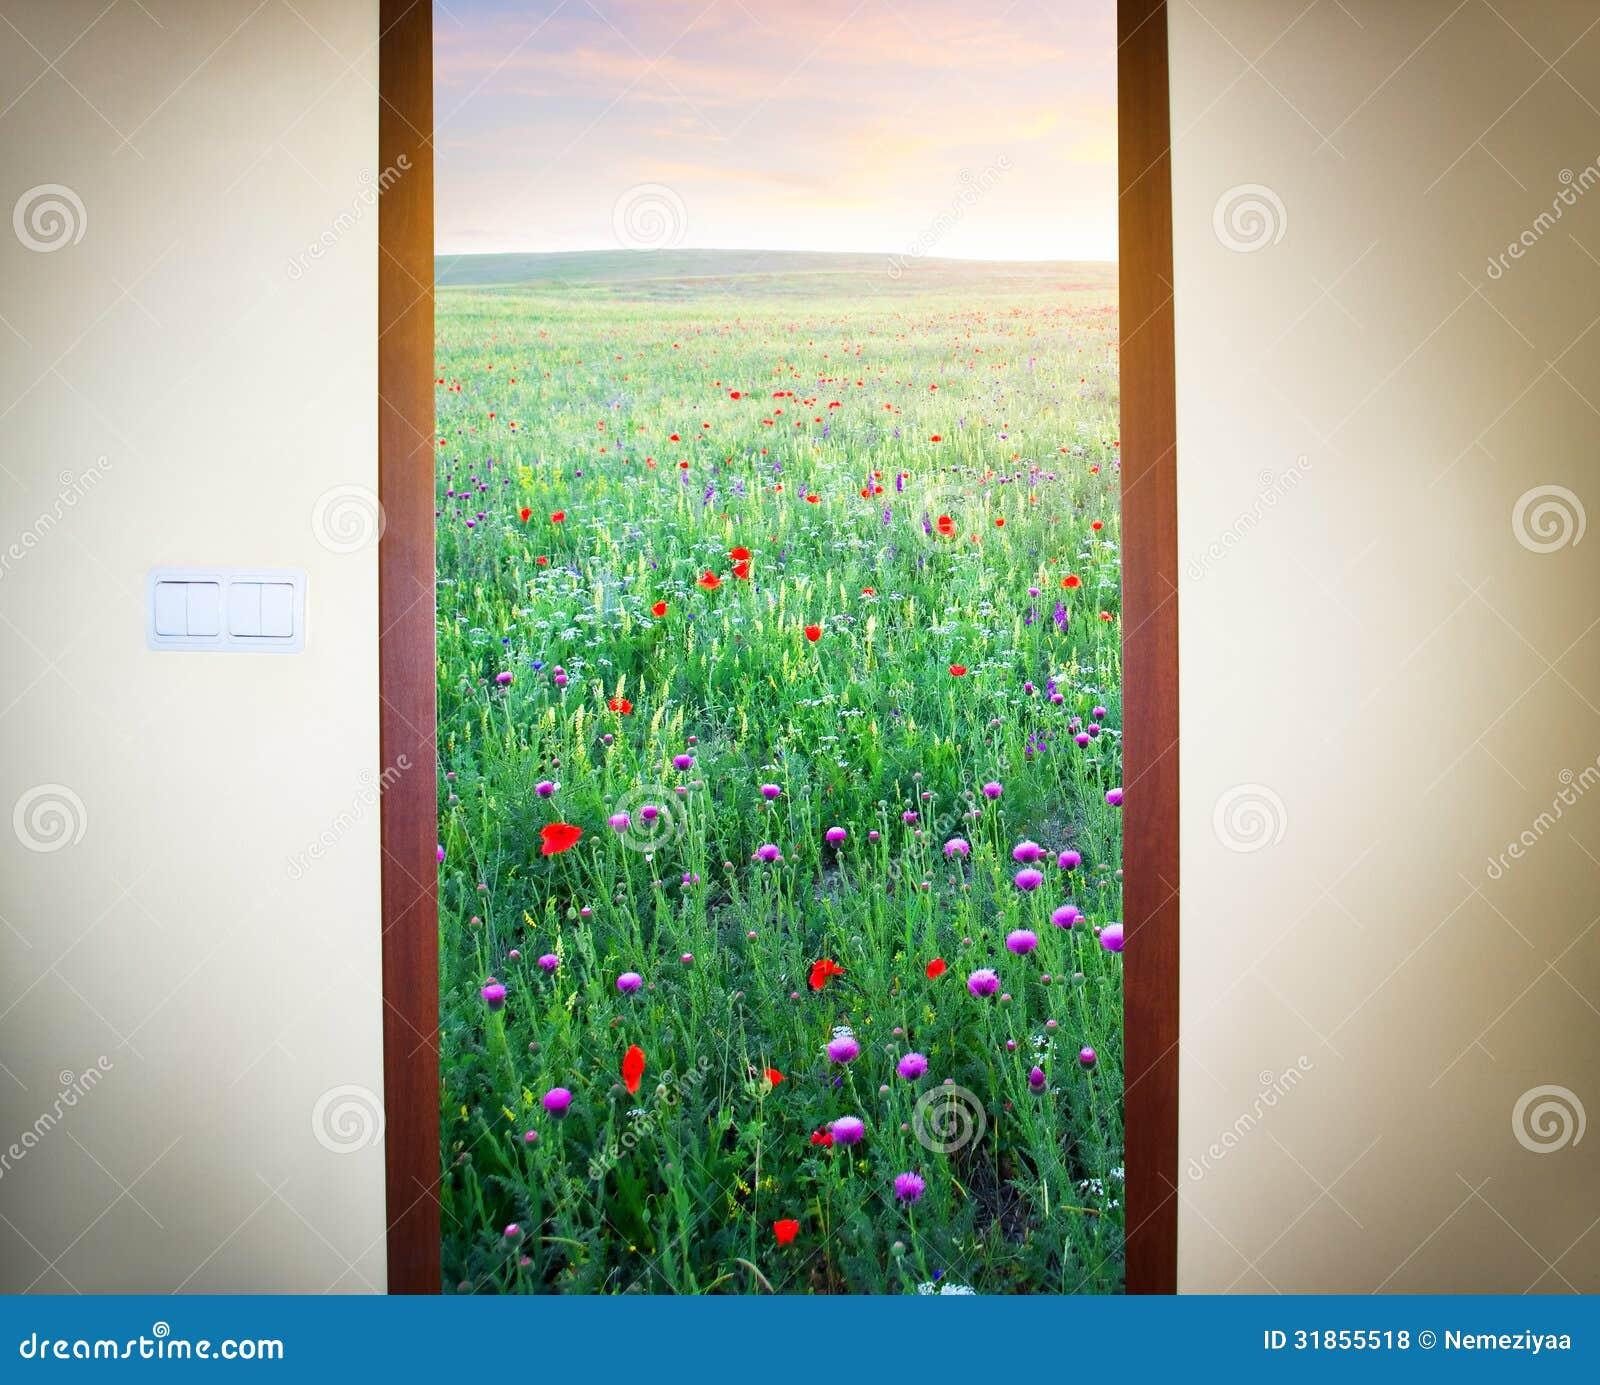 photo d 39 une porte ouverte photos libres de droits image 31855518. Black Bedroom Furniture Sets. Home Design Ideas